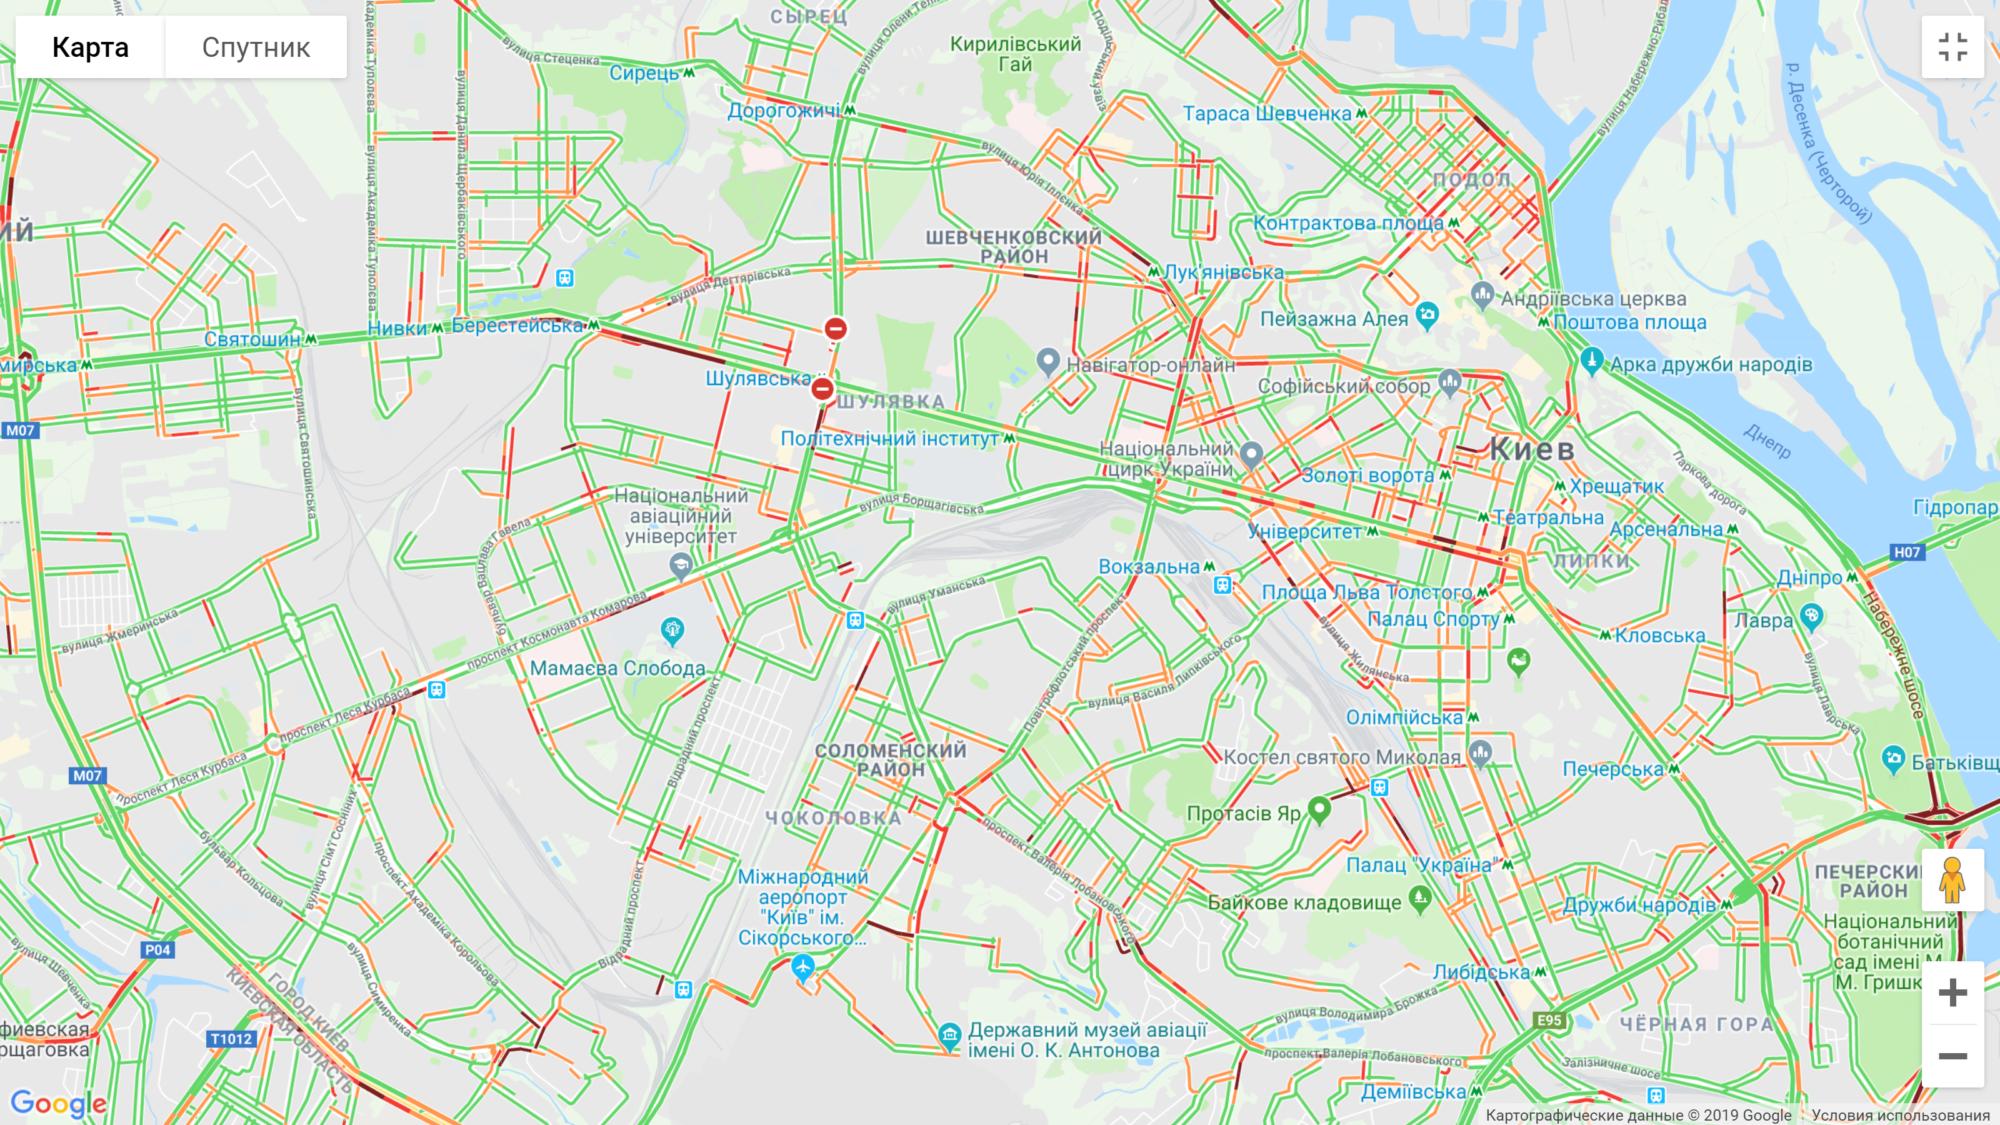 Затори Києва: які вулиці краще уникати - затори - image 1 2000x1125